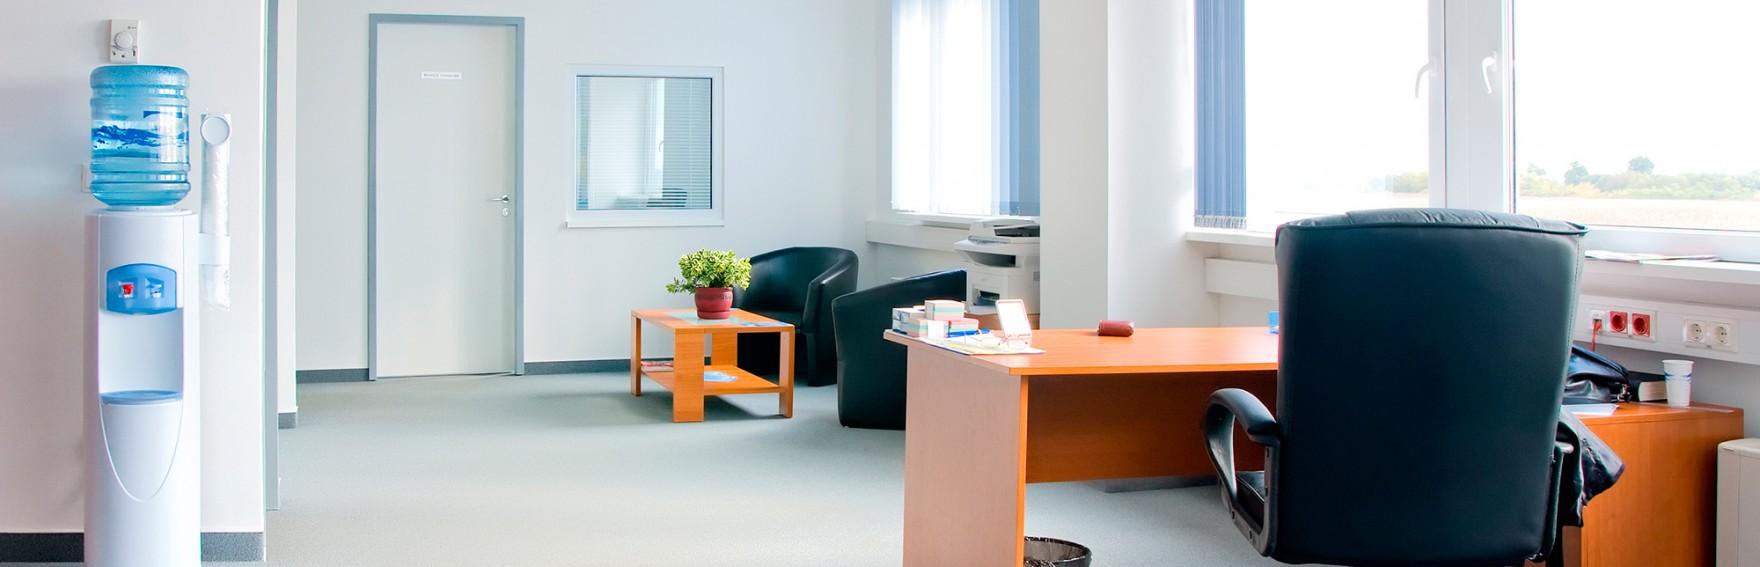 office1-1760x567